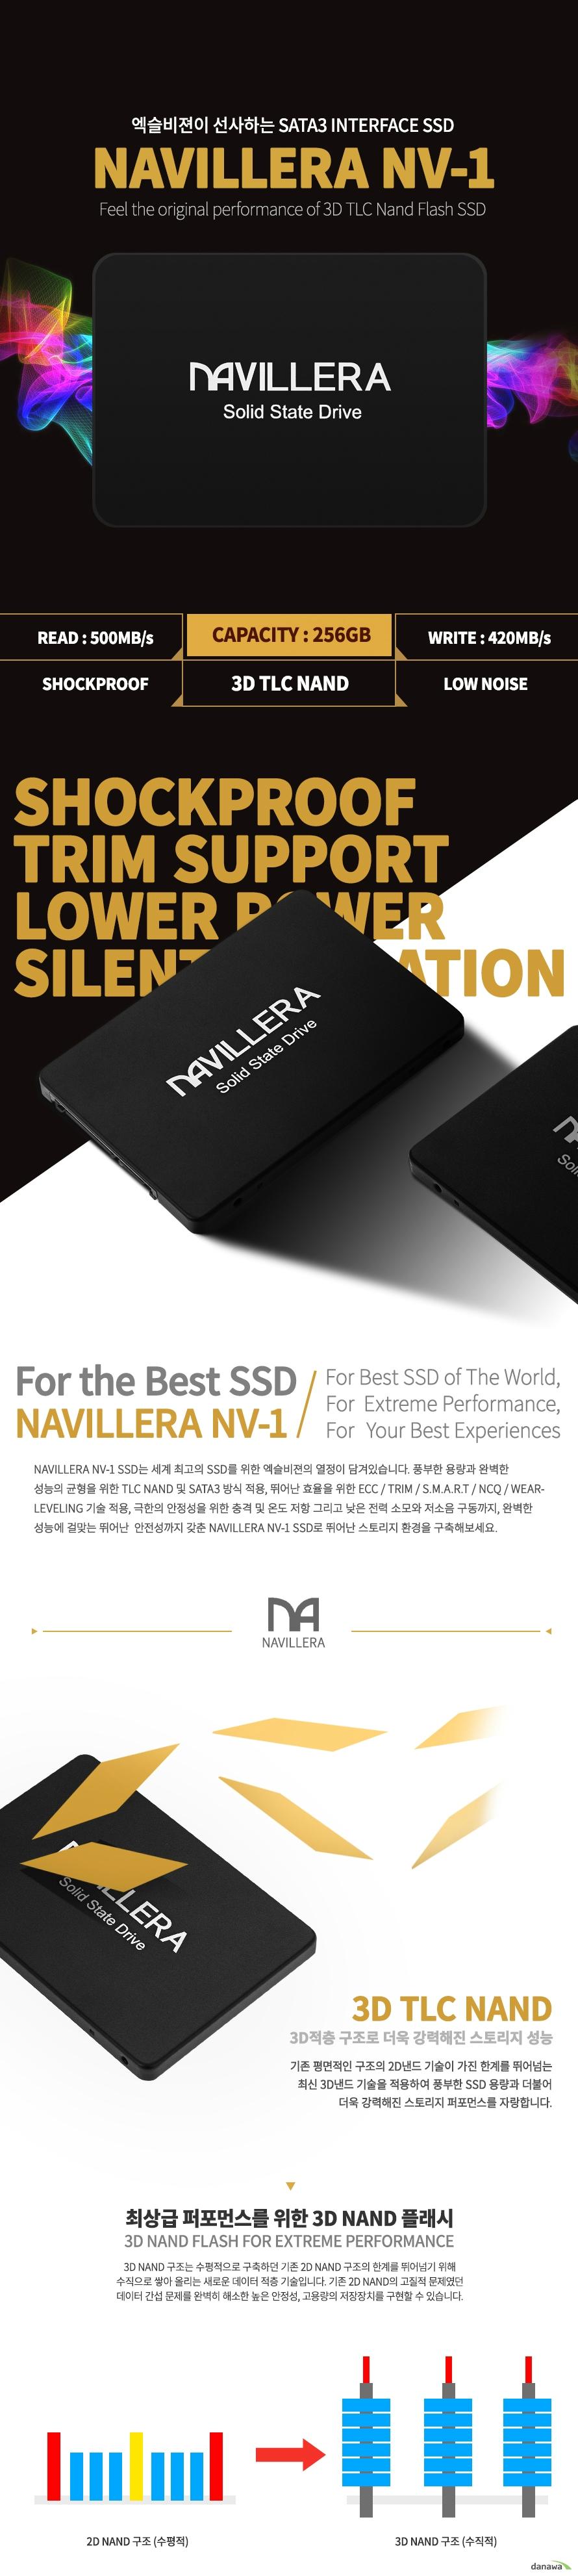 제품상세정보 제품모델 NAVILLERA NV-1 용량 256GB 인터페이스 SATA3(6Gb/s) 낸드 TLC NAND FLASH 컨트롤러 Yeestor YS908.XY 읽기/쓰기 MAX.READ : 500MB/s, MAX.WHITE : 420MB/s 환경온도 OPERATION:0℃~70℃, STORAGE:-40℃~85℃ 전압 DC5V 기술 TRIM/S.M.A.R.T/NCQ/ECC/WEAR-LEVELING 크기 100x70x7mm 무게 50g 보증기간 3년 kc인증 R-R-ABG-NV256G